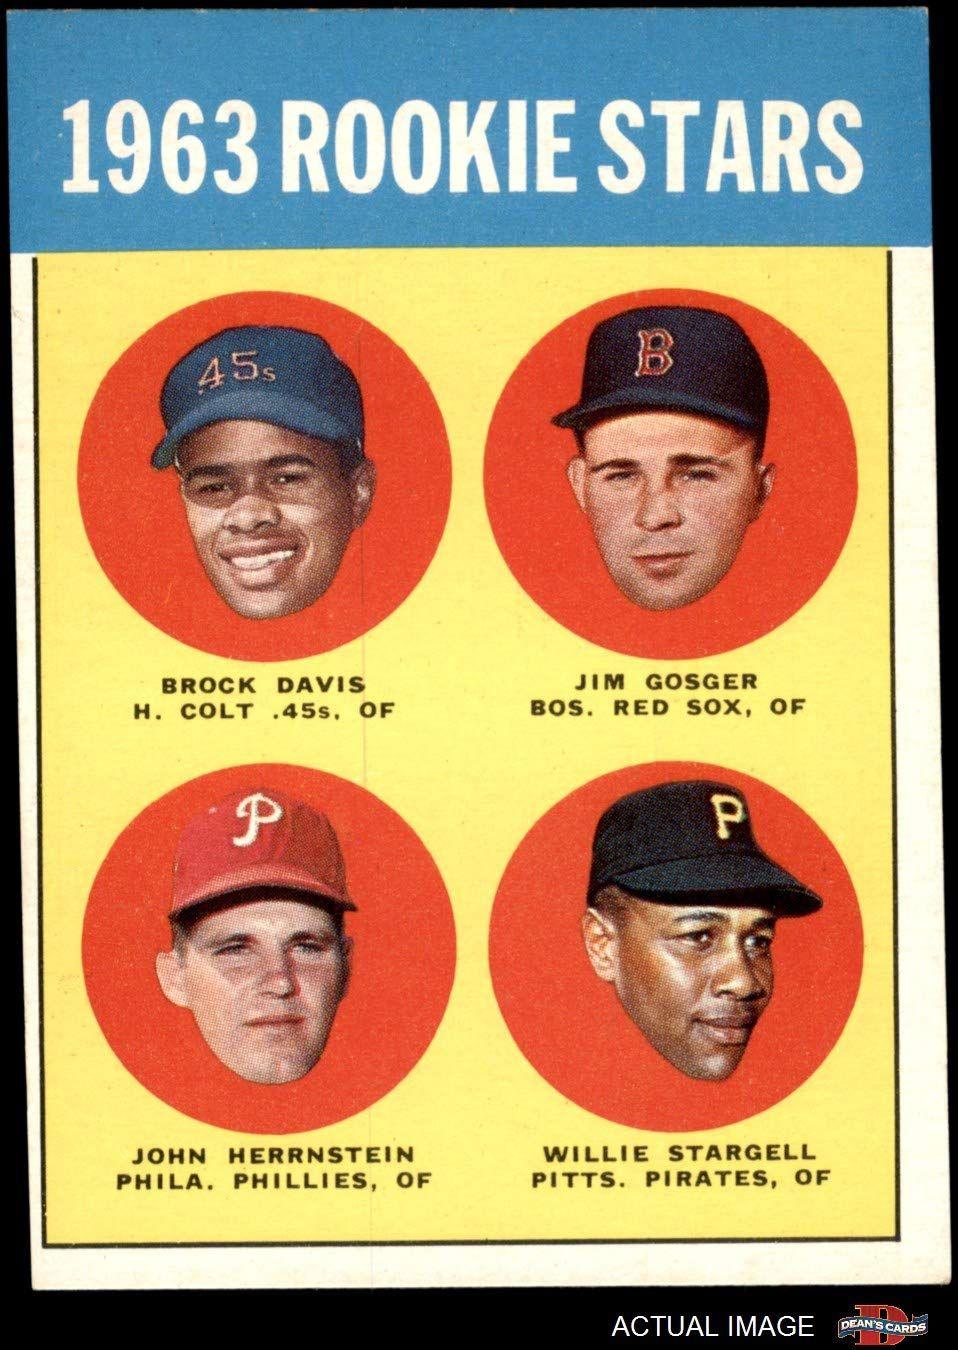 1963 topps 553 rookie stars willie stargell jim gosger